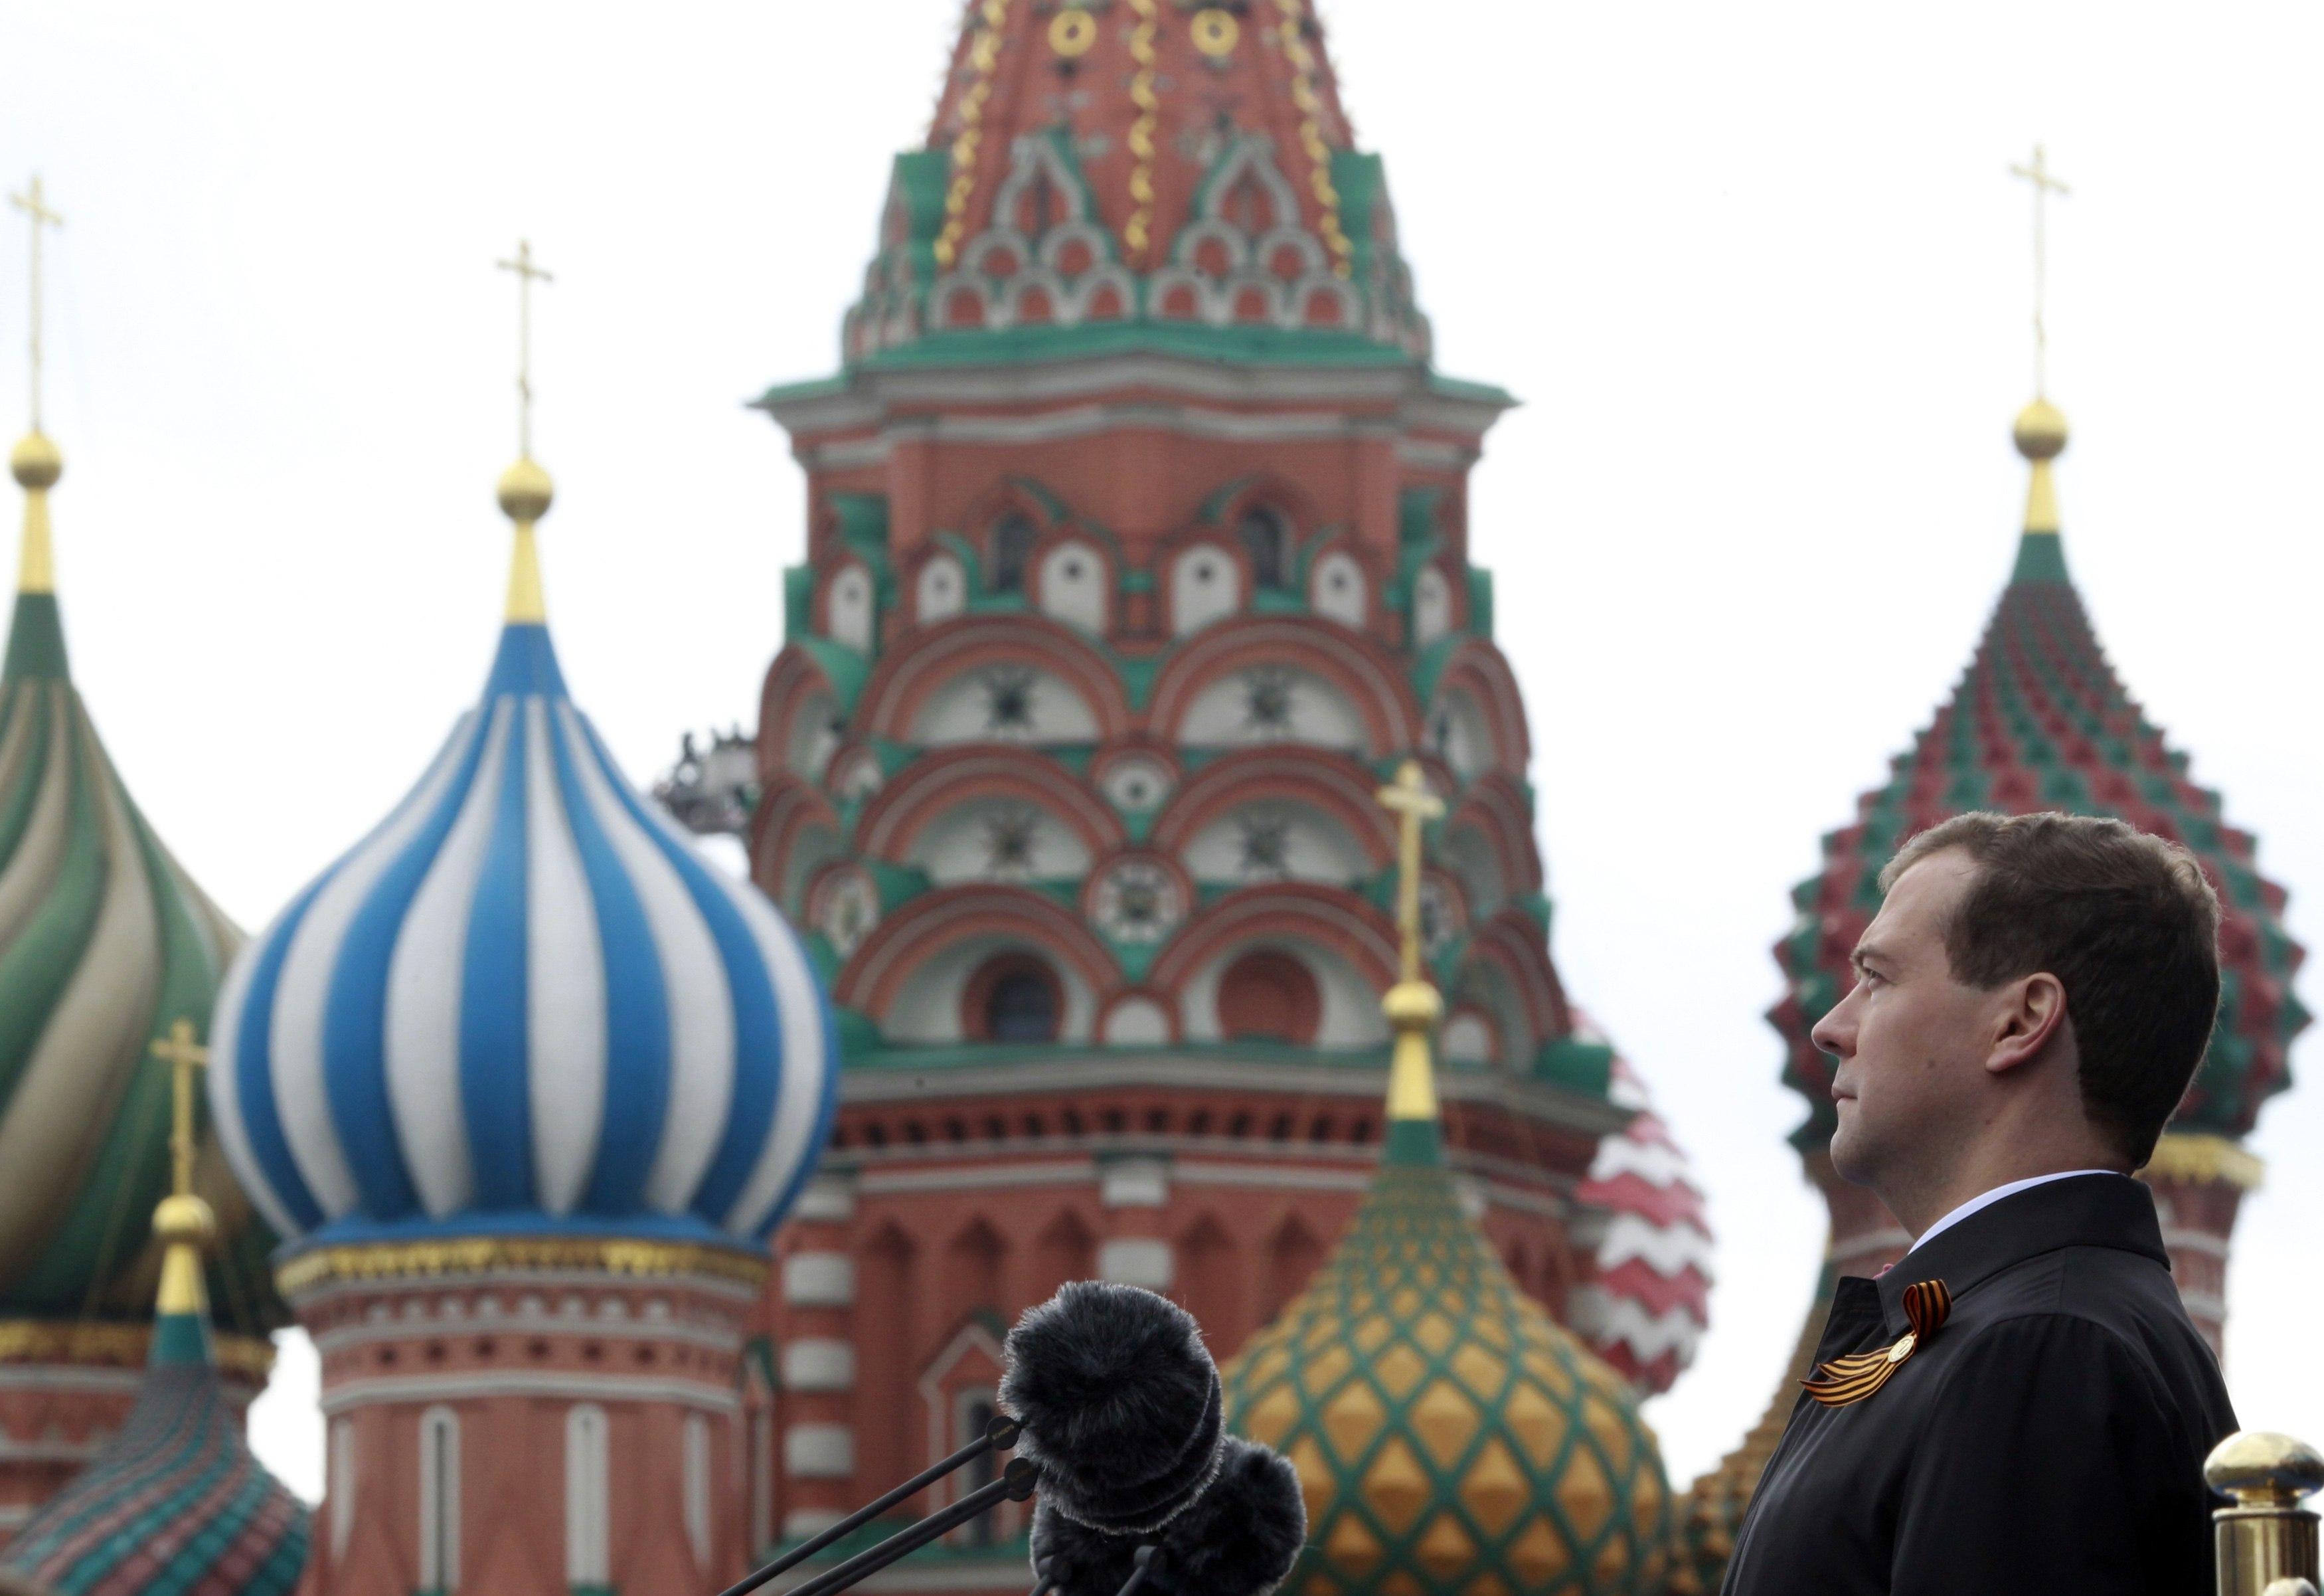 Ο πρόεδρος της Ρωσίας Ντιμίτρι Μεντβέντεφ παρακολουθεί την παρέλαση. ΦΩΤΟ REUTERS